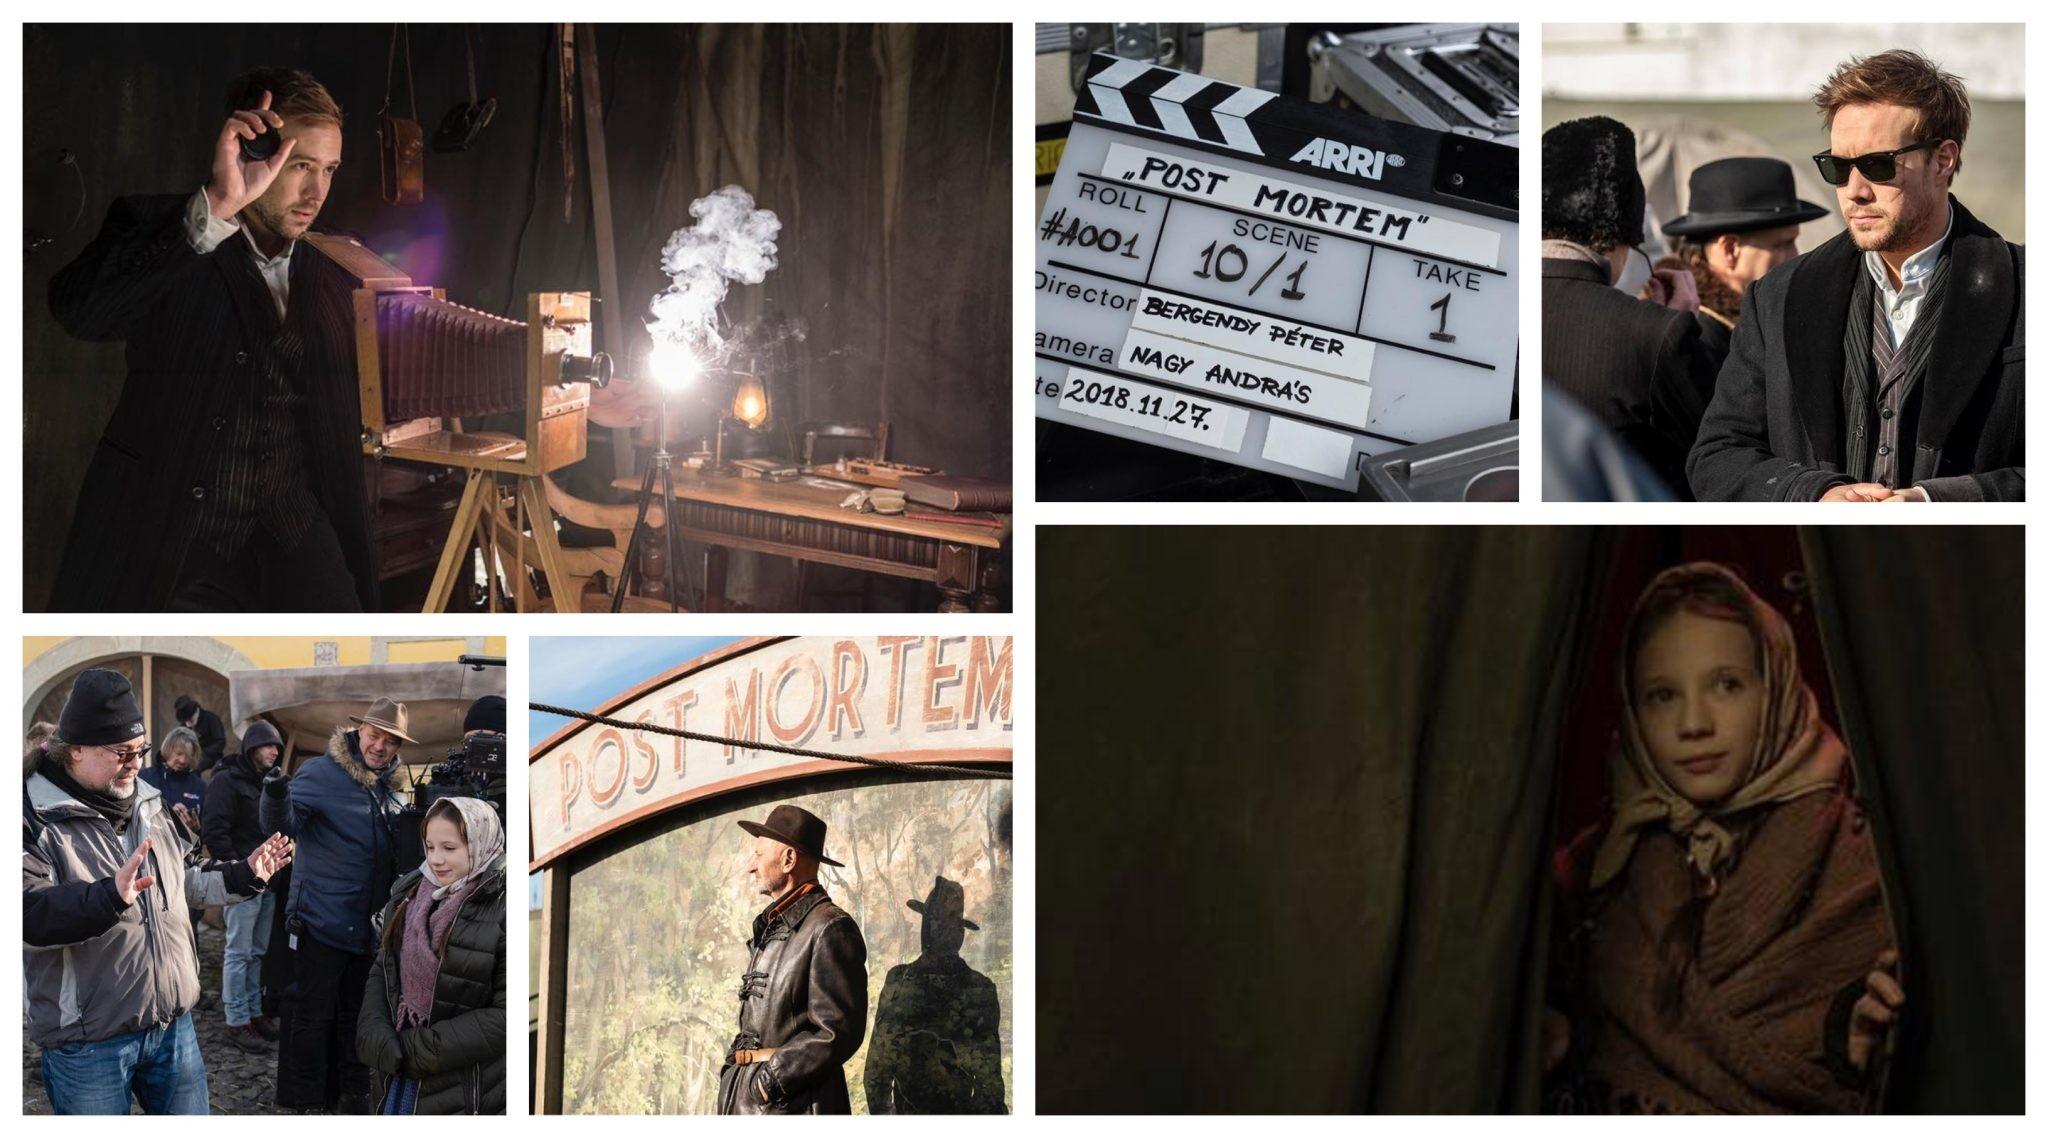 Félidejénél jár Bergendy Péter Post Mortem című filmjének forgatása